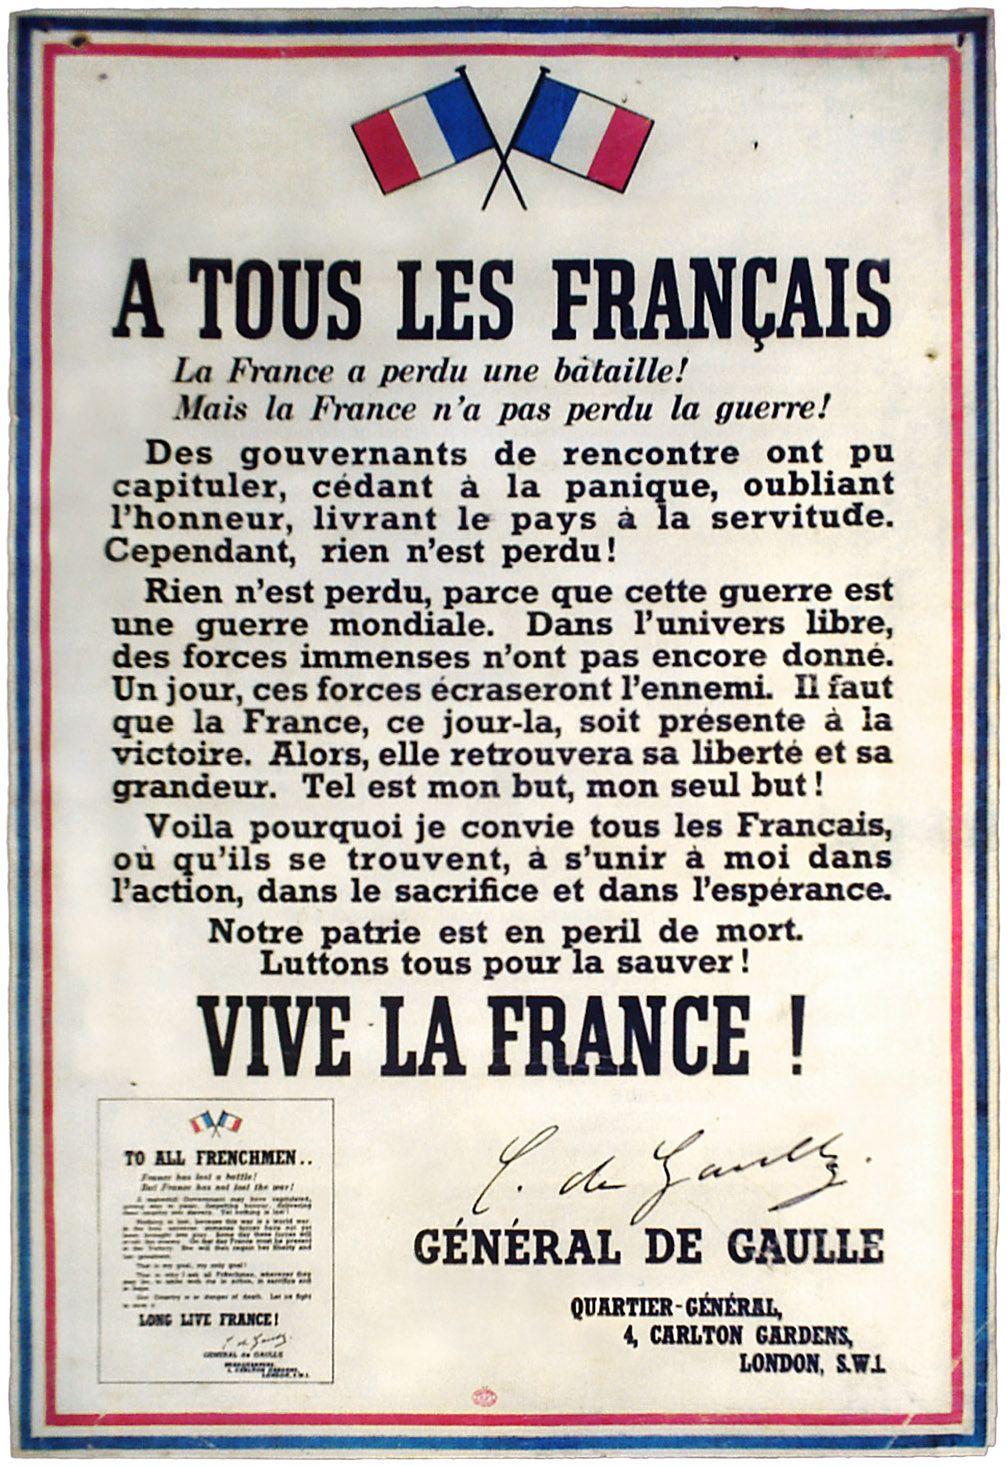 """En juillet 1940, le Général rédige la proclamation suivante, également connue sous le nom de """"l'Appel aux armes"""". Fin juillet, ce qui est devenu la célèbre affiche de """"l'Appel à tous les Français"""" est apposé sur les murs de Londres et des communes anglaises."""